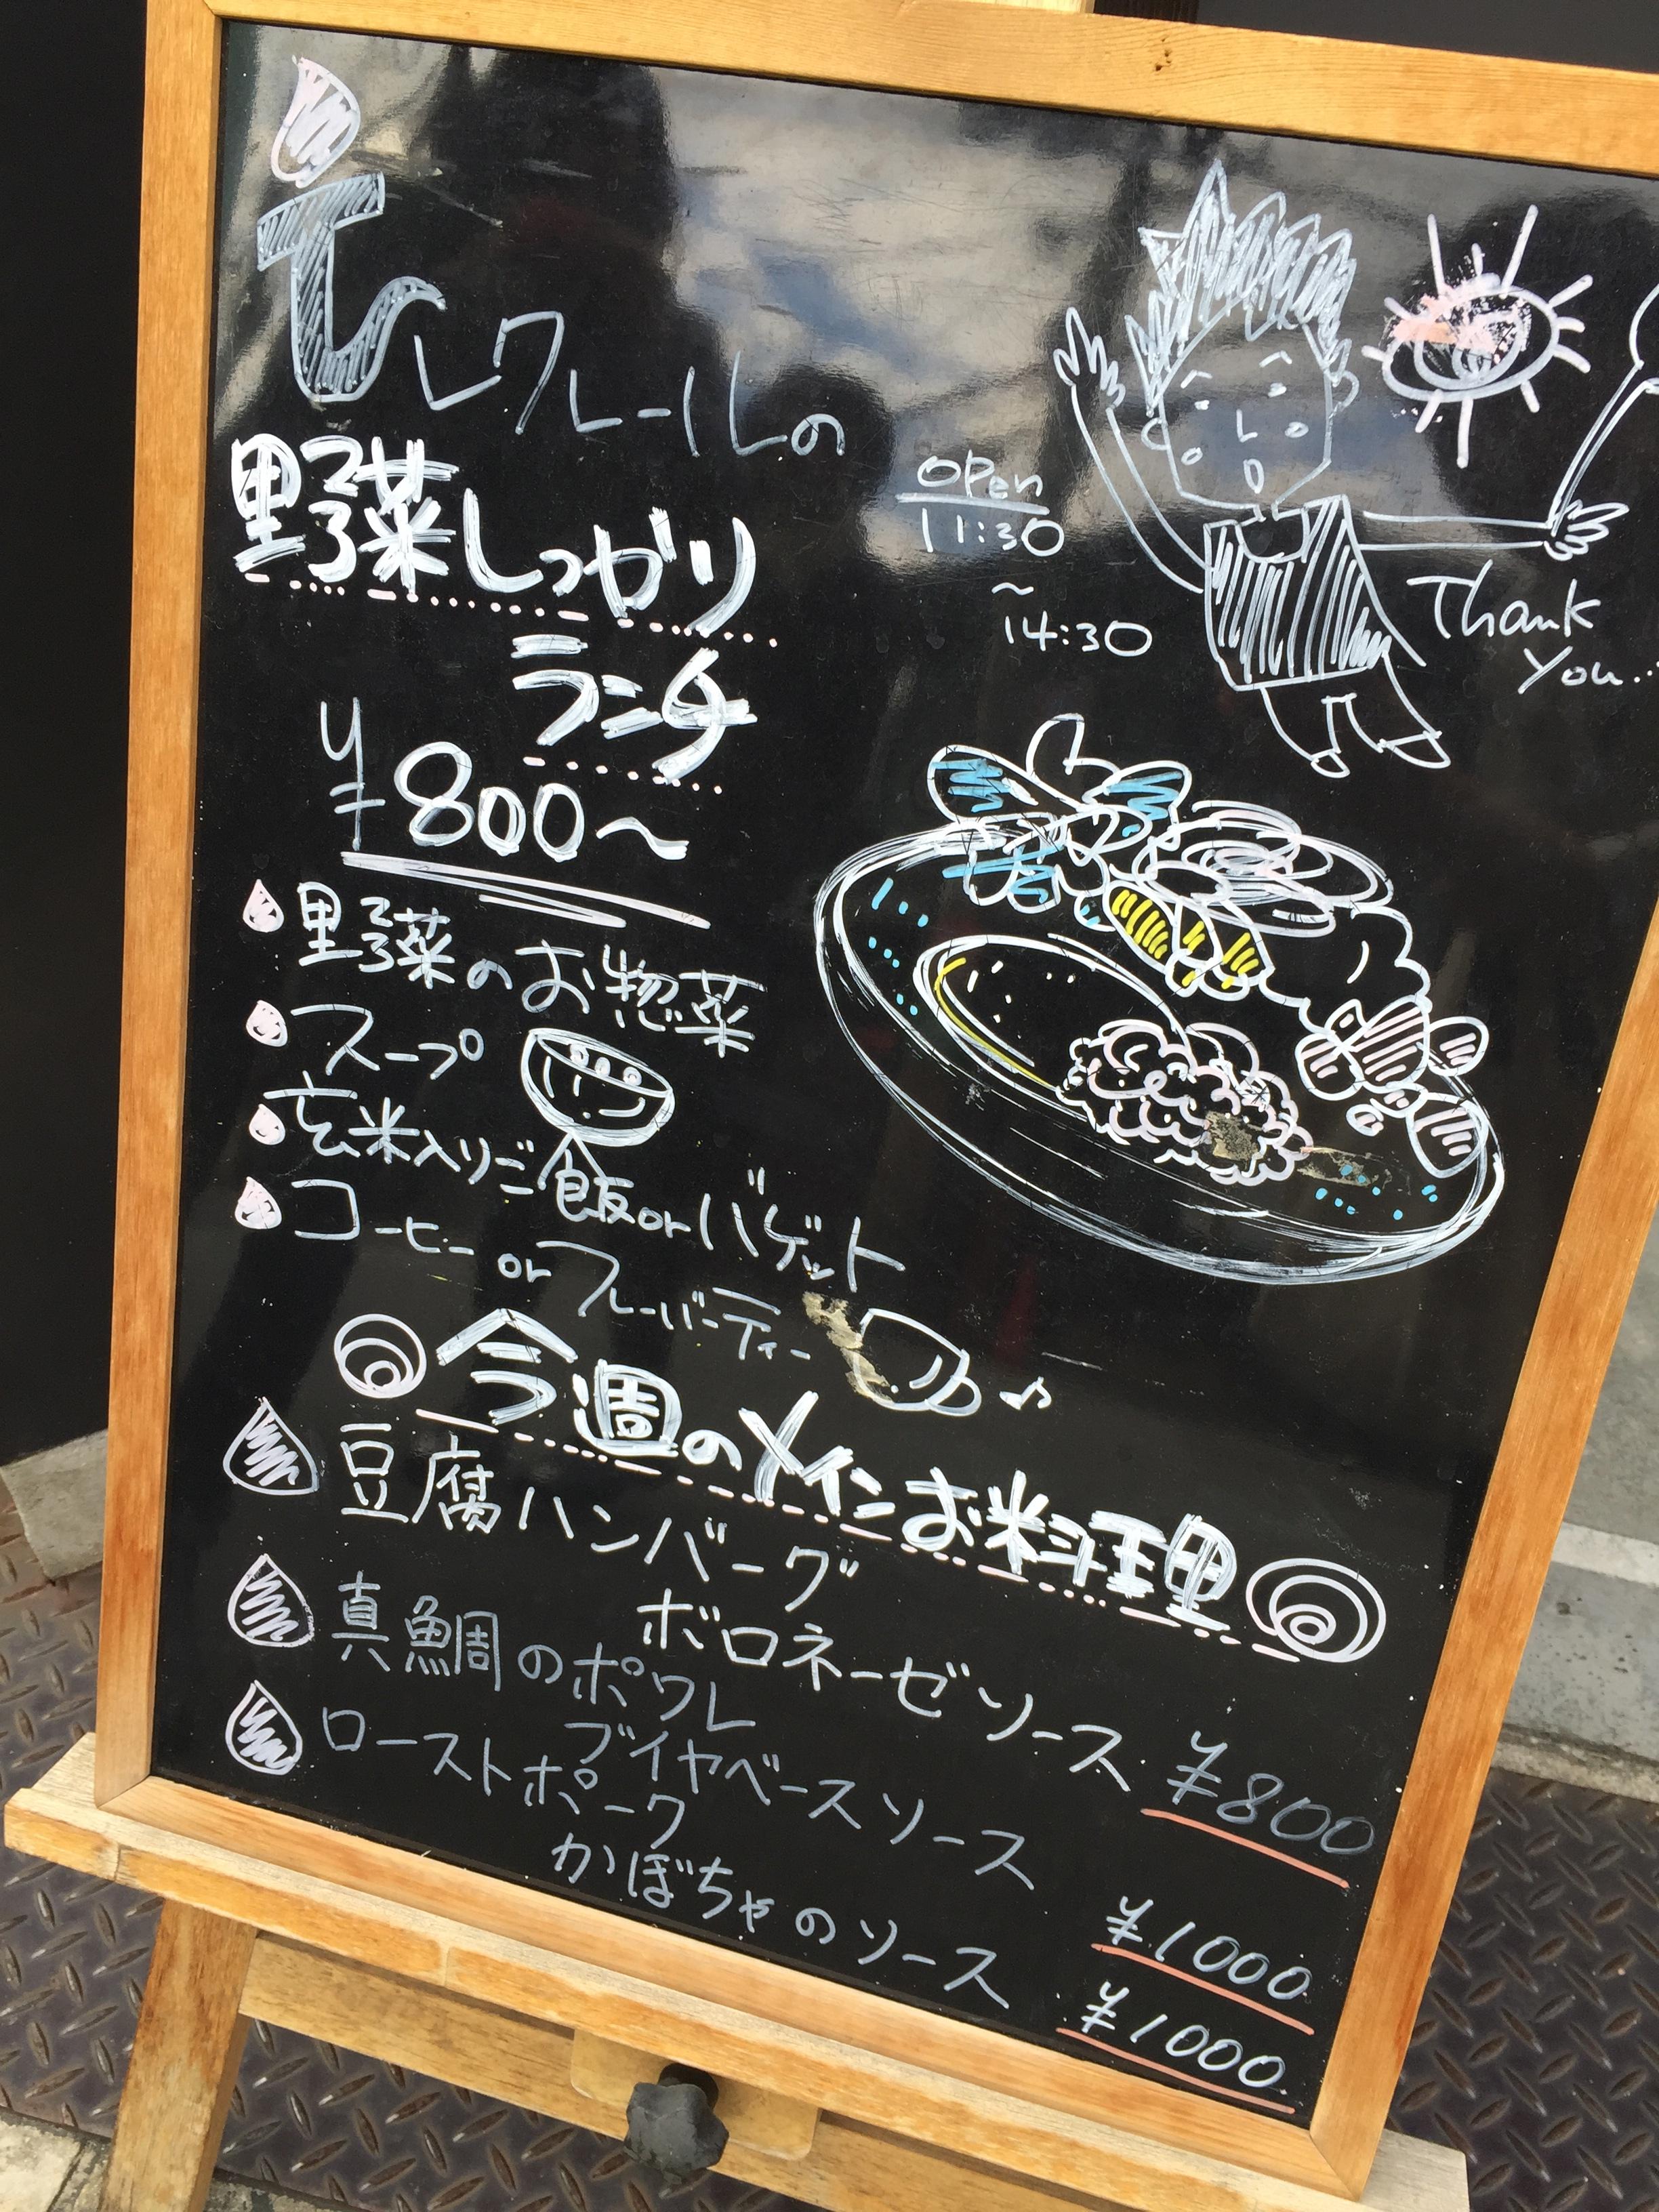 谷町6丁目・空堀らへんご紹介♪野菜が採れるランチ!「欧風食堂レクレール」